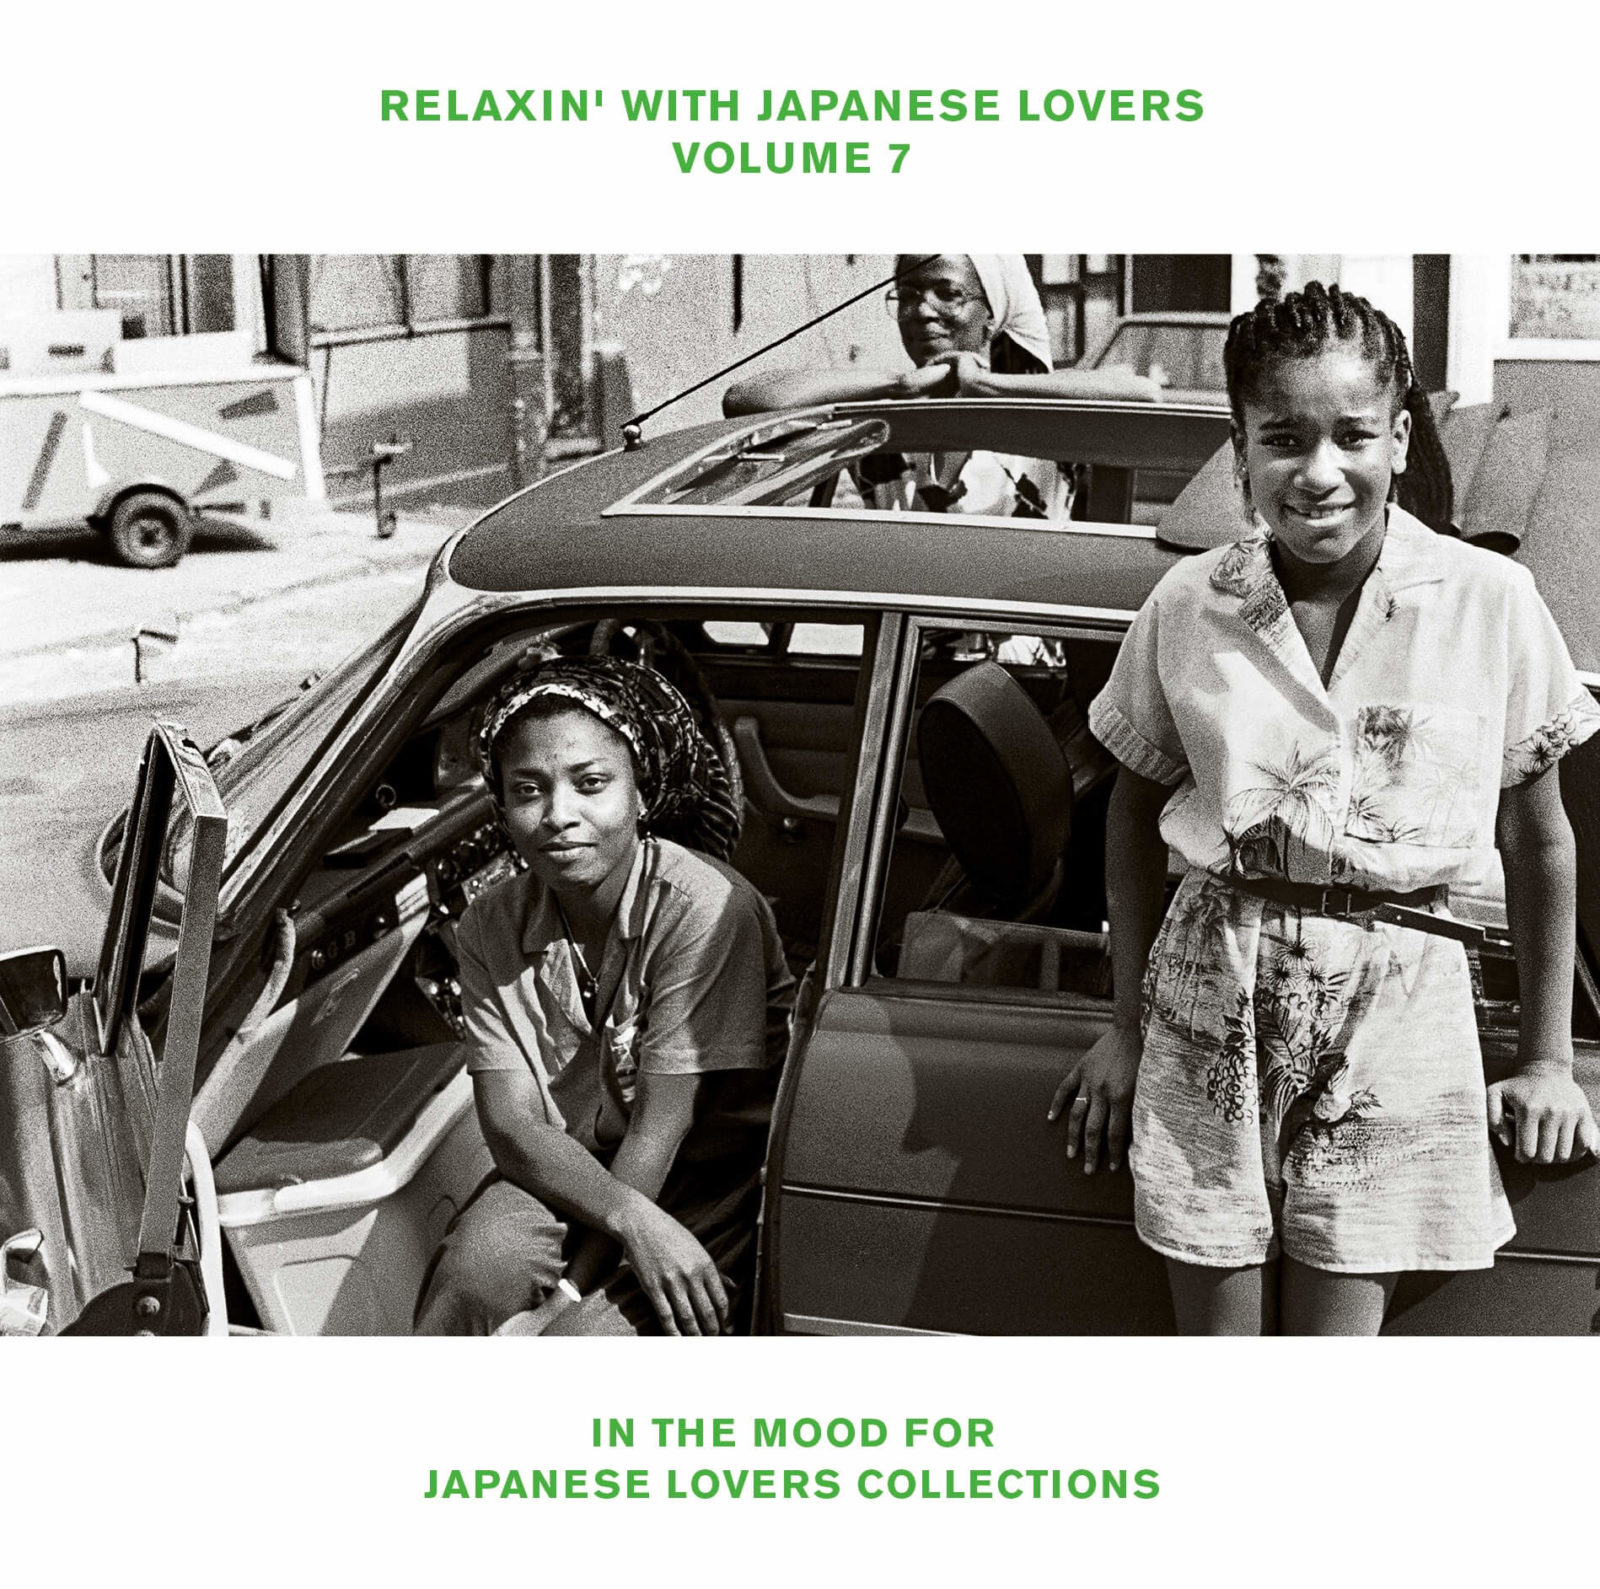 コンピレーション・アルバム「RELAXIN'WITH JAPANESE LOVERS VOLUME 7」発売決定サムネイル画像